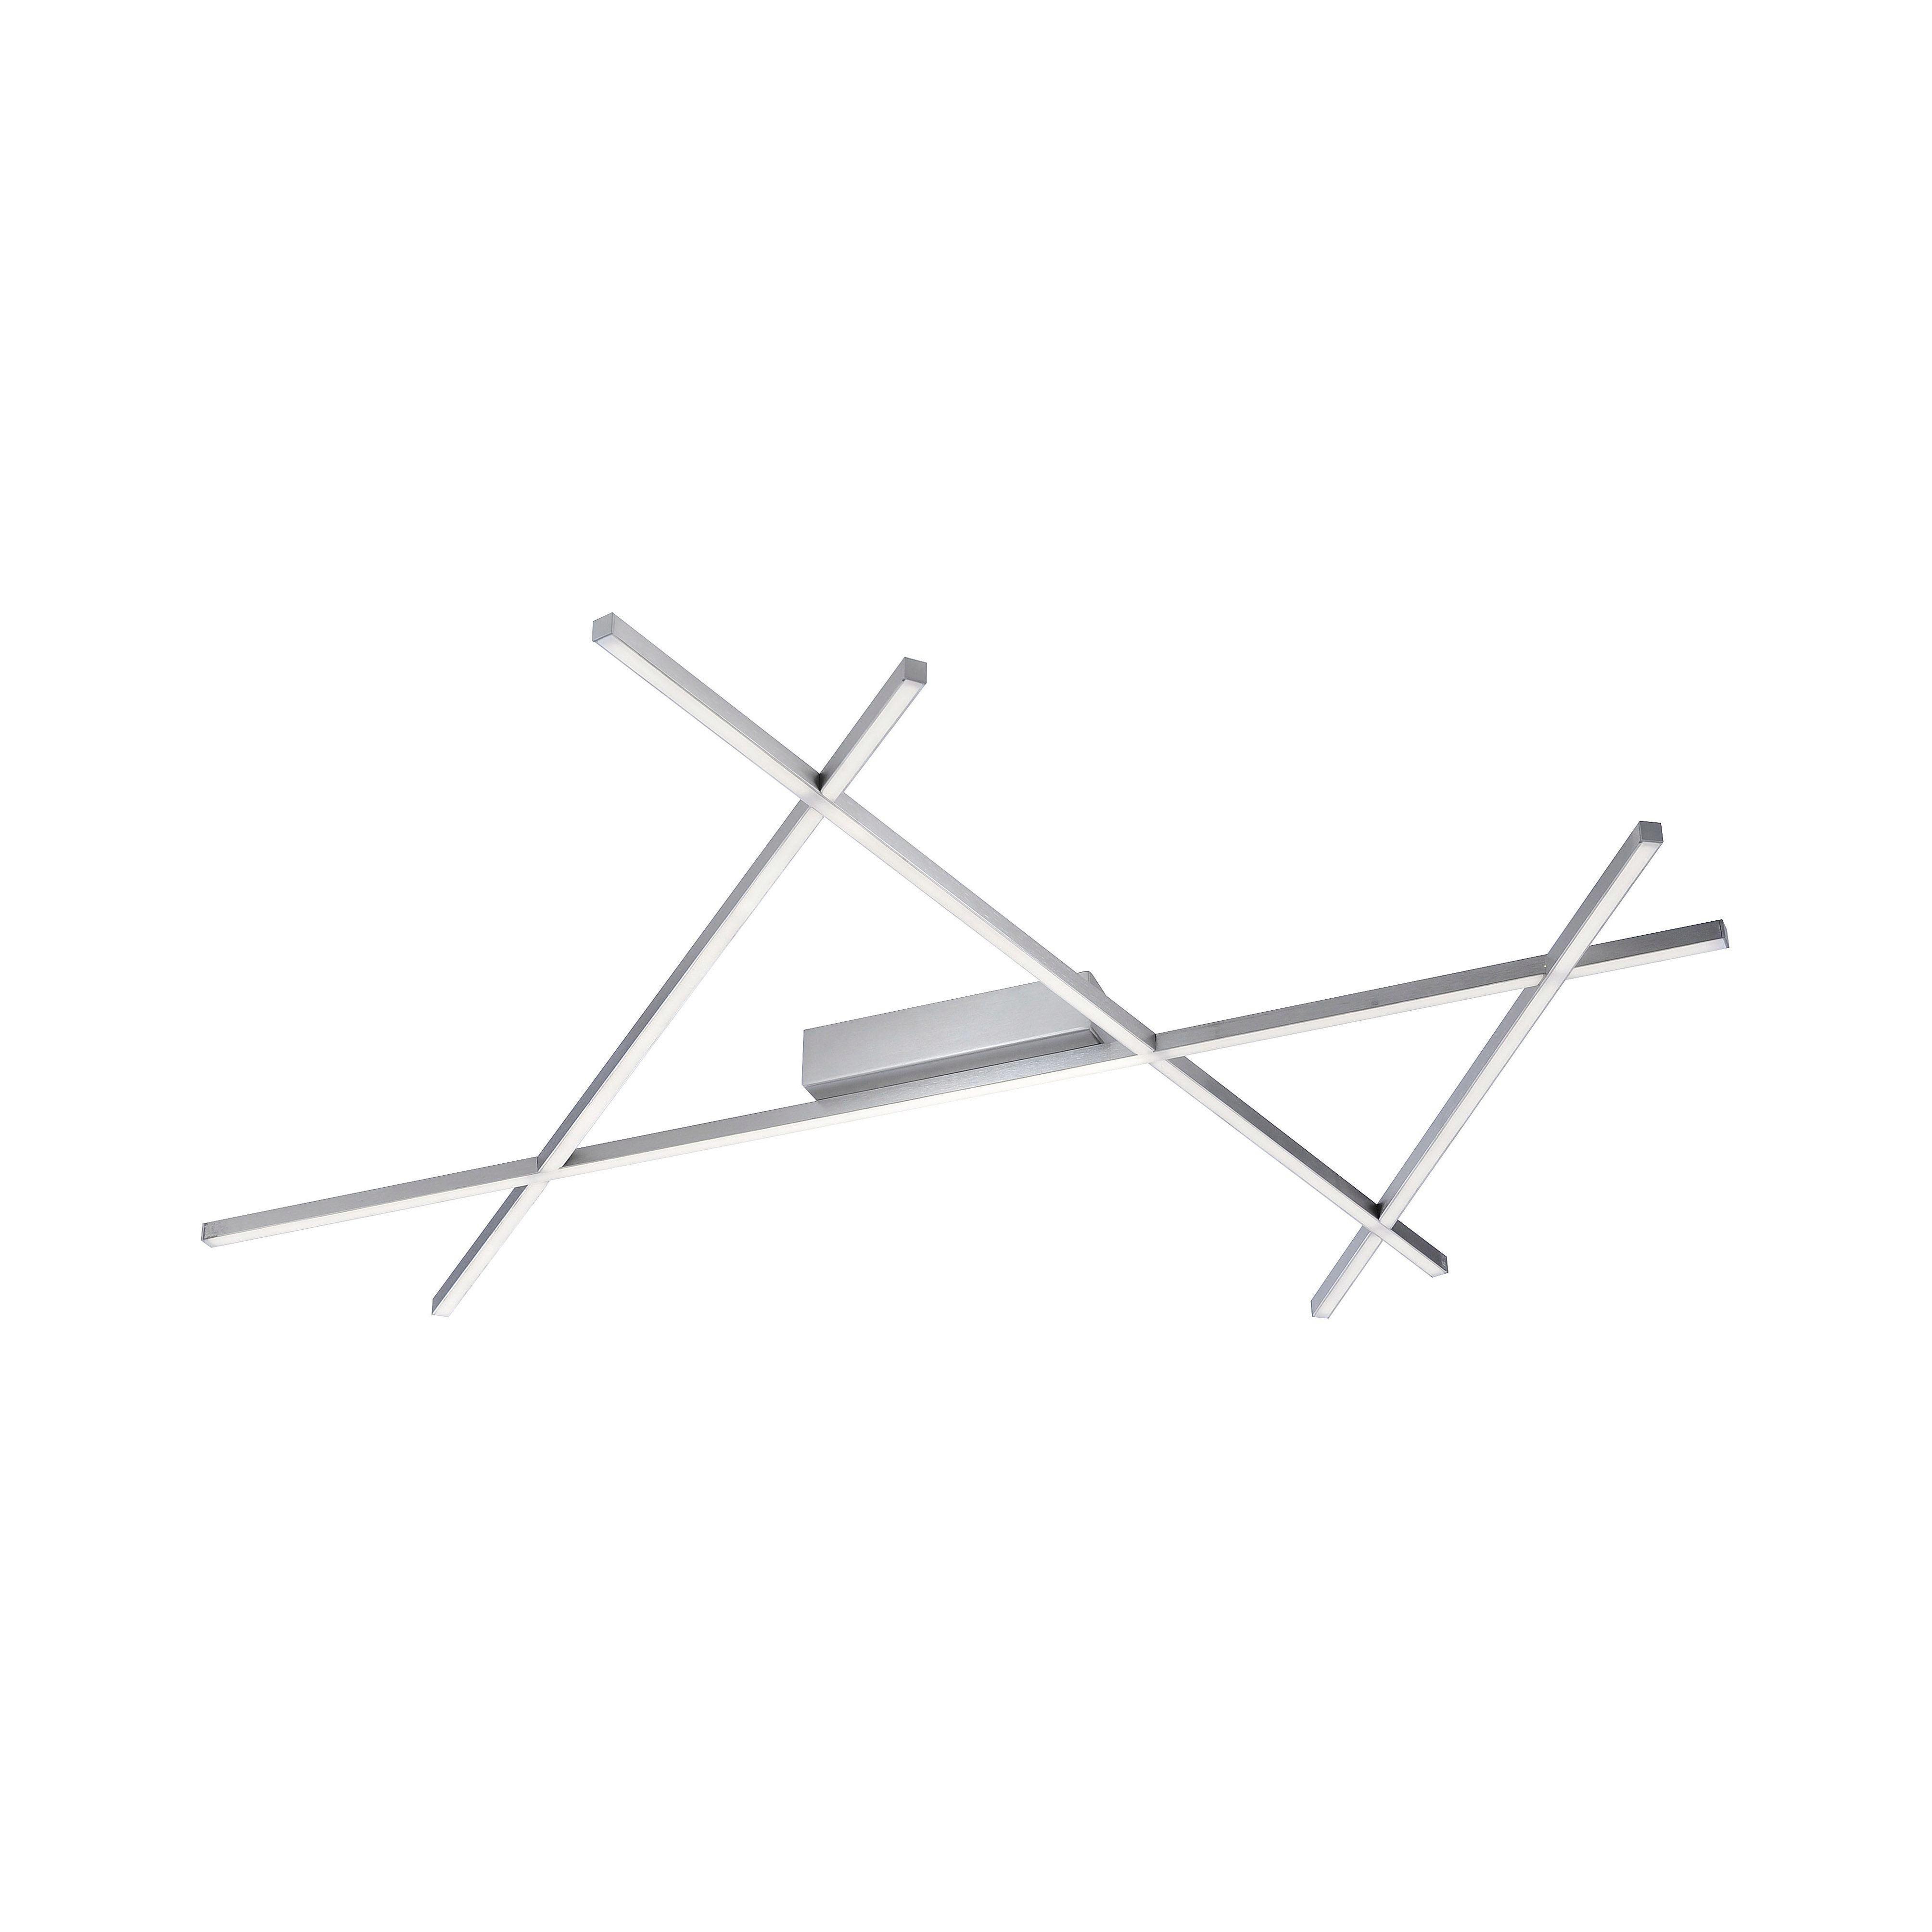 LED STROPNÍ SVÍTIDLO - barvy niklu, Moderní, kov (102/91/5,7cm) - AMBIENTE